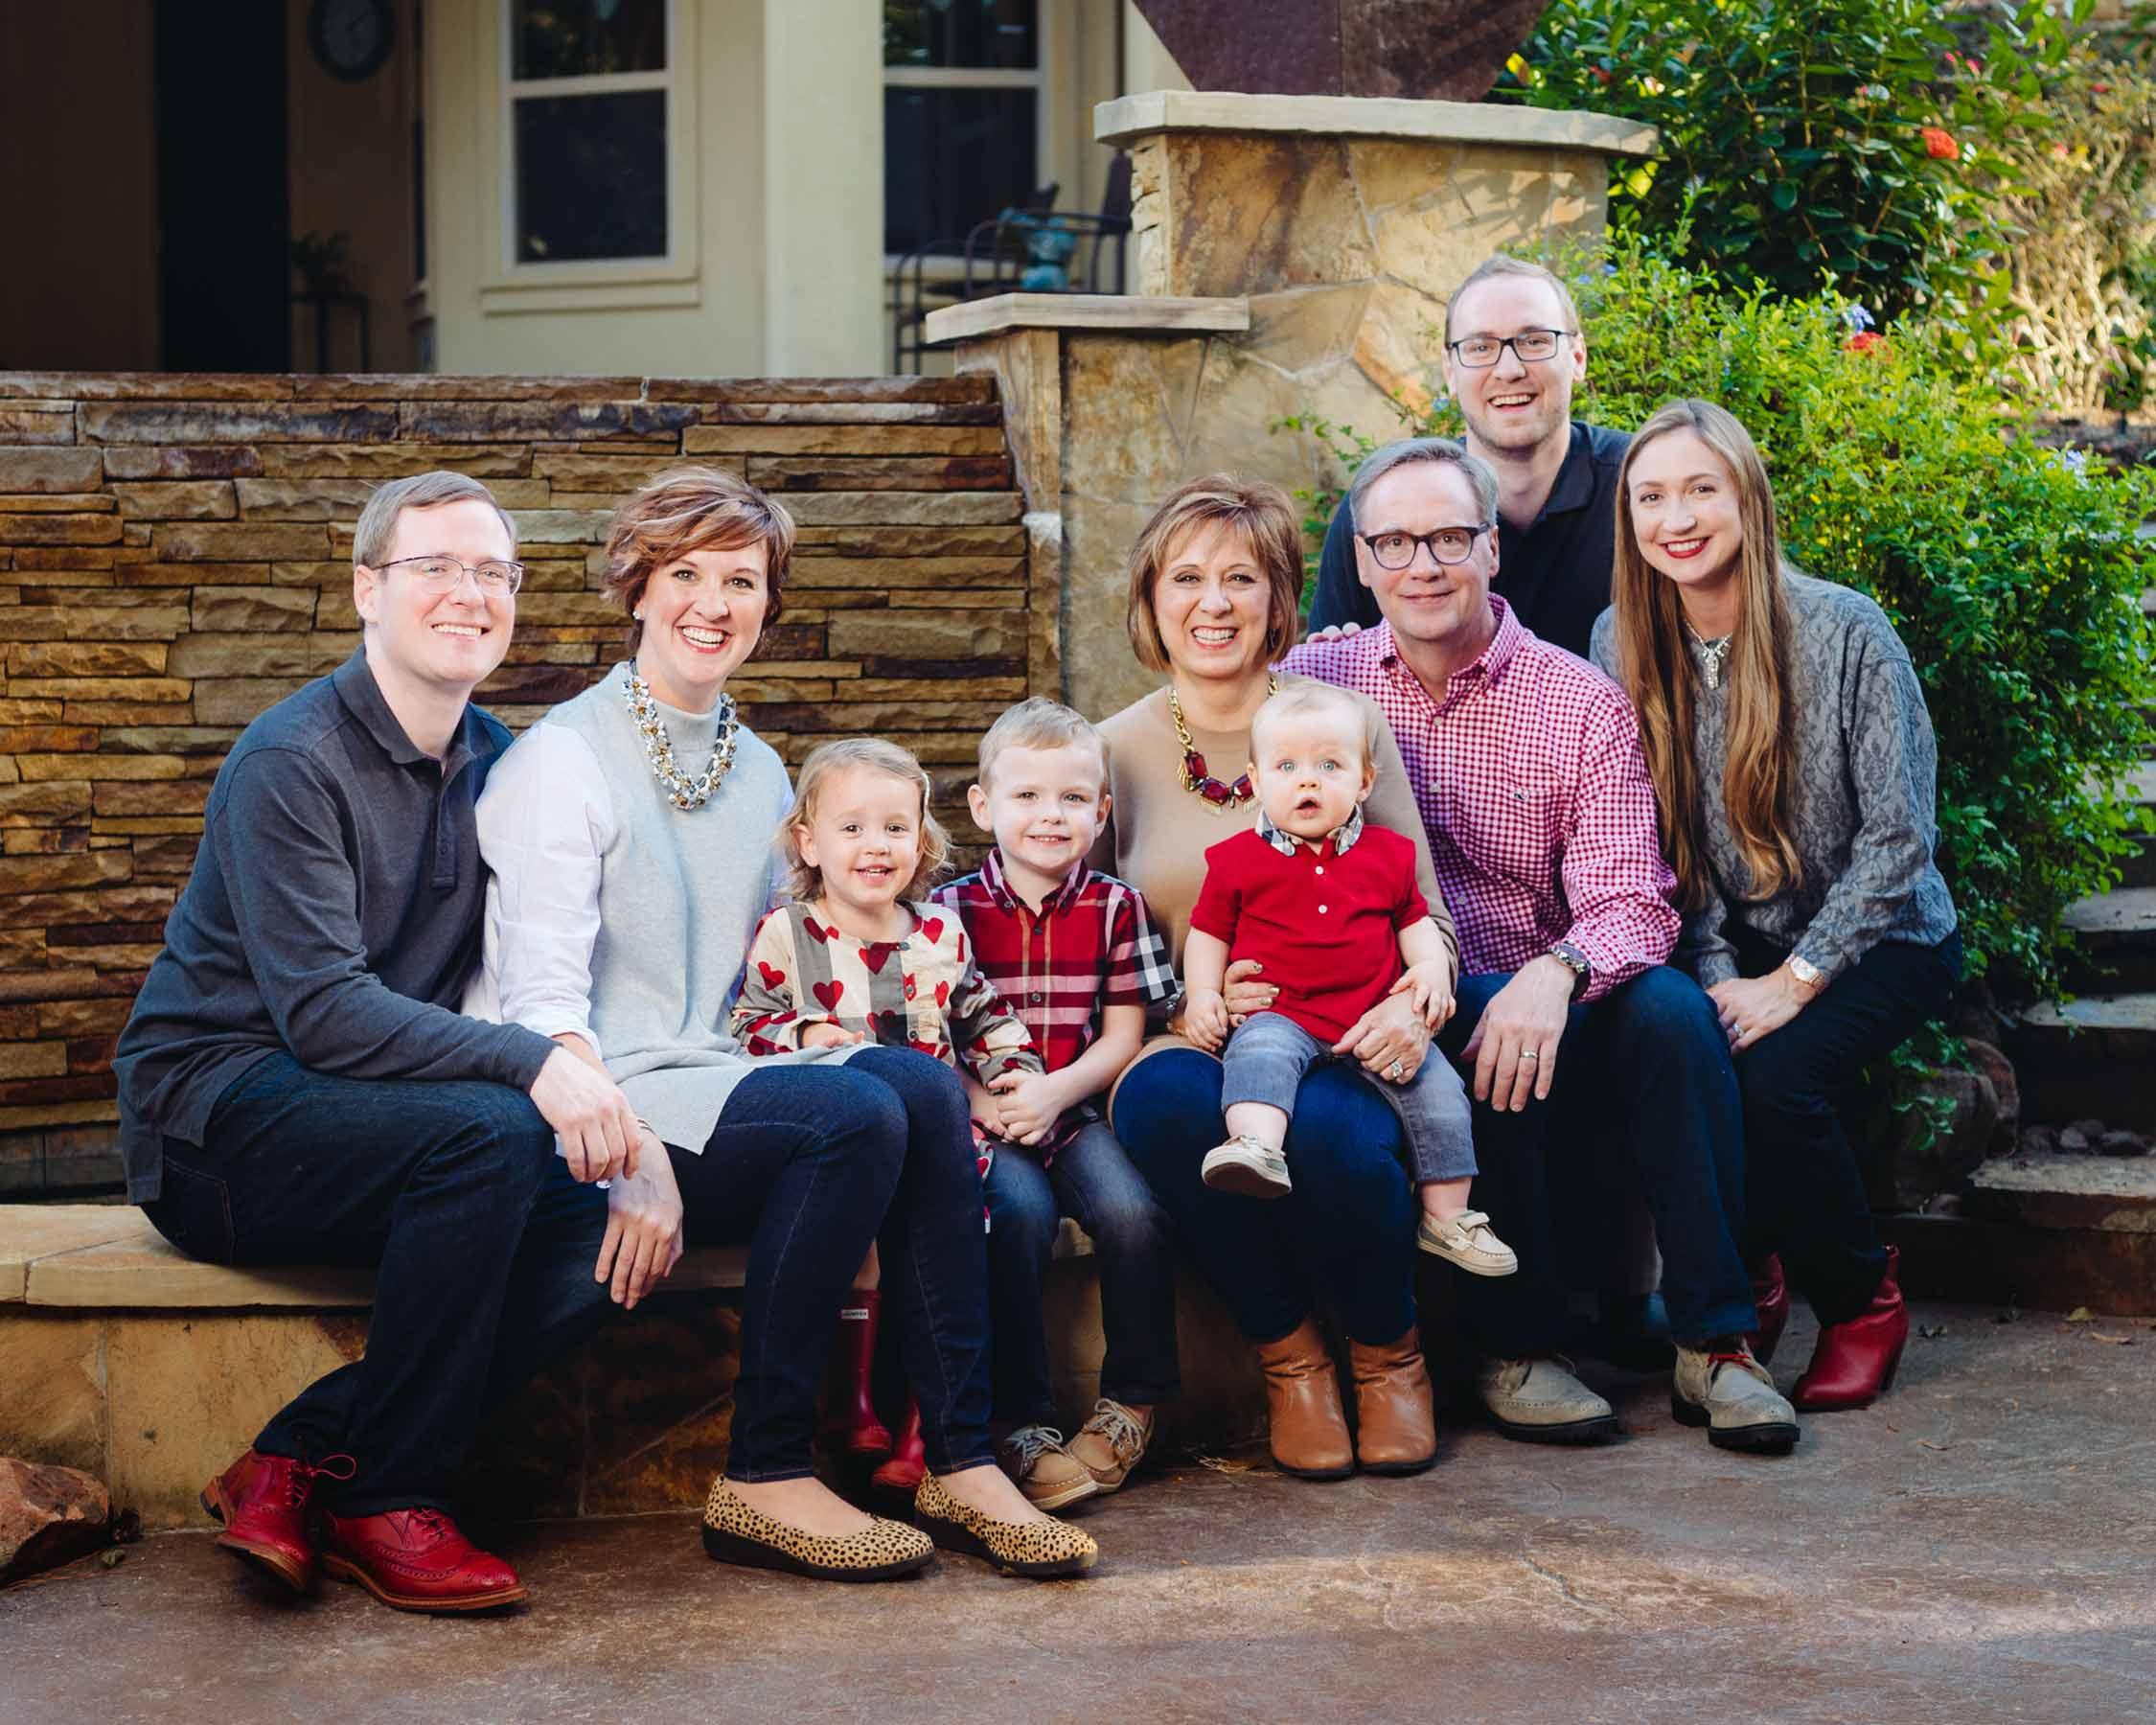 Christmas Family Photos San Antonio